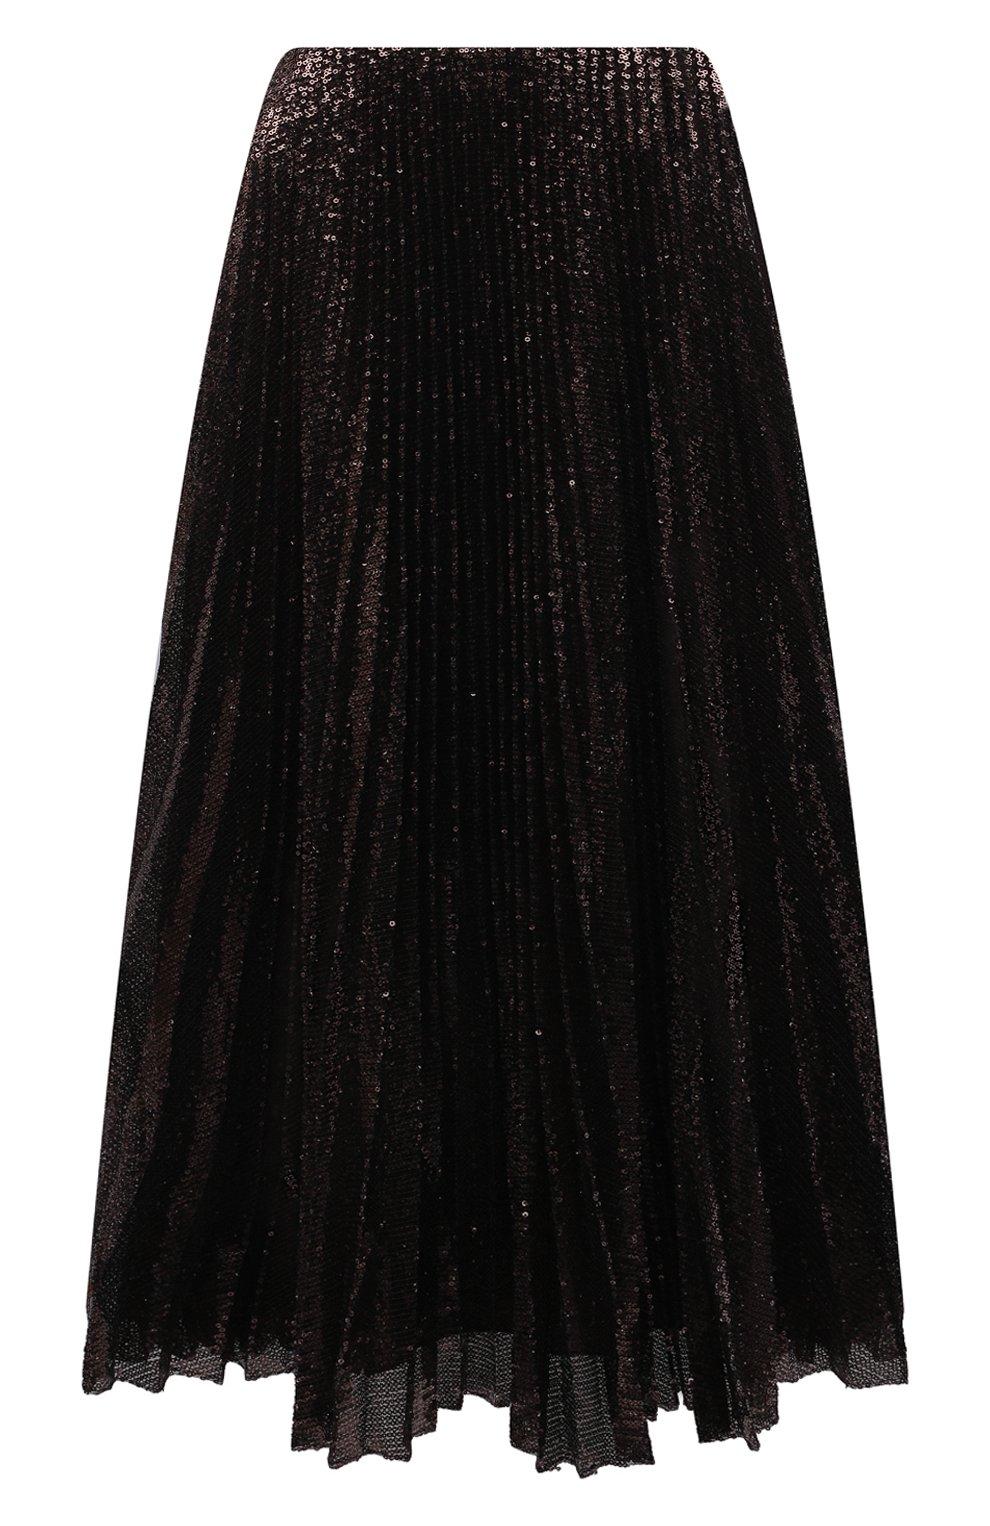 Женская плиссированная юбка с пайетками RALPH LAUREN коричневого цвета, арт. 290840909 | Фото 1